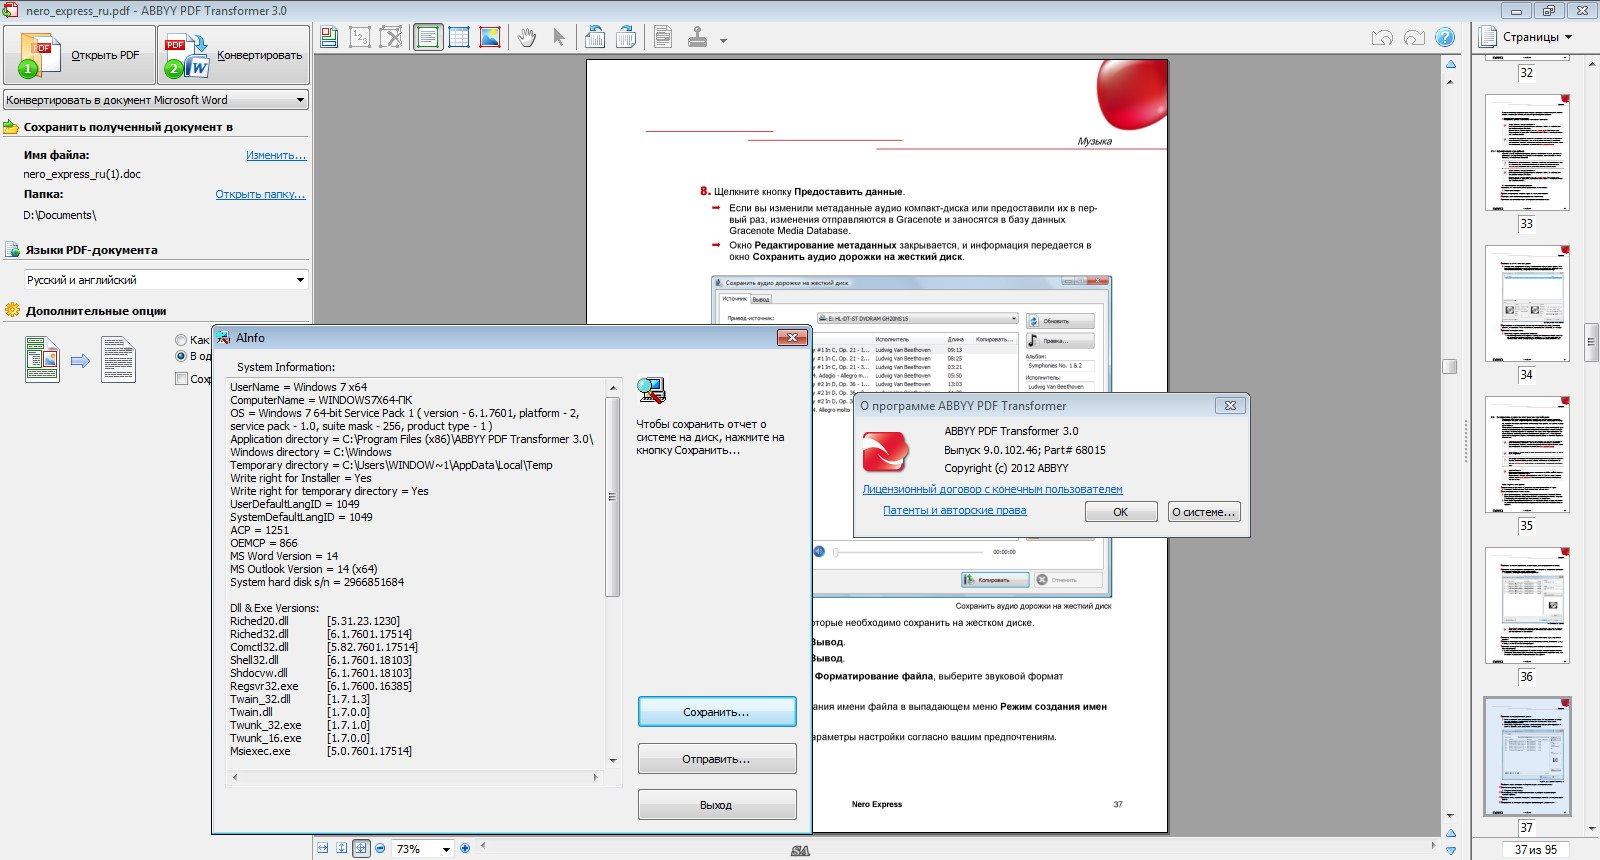 Программа для редактирования пдф файлов скачать торрент